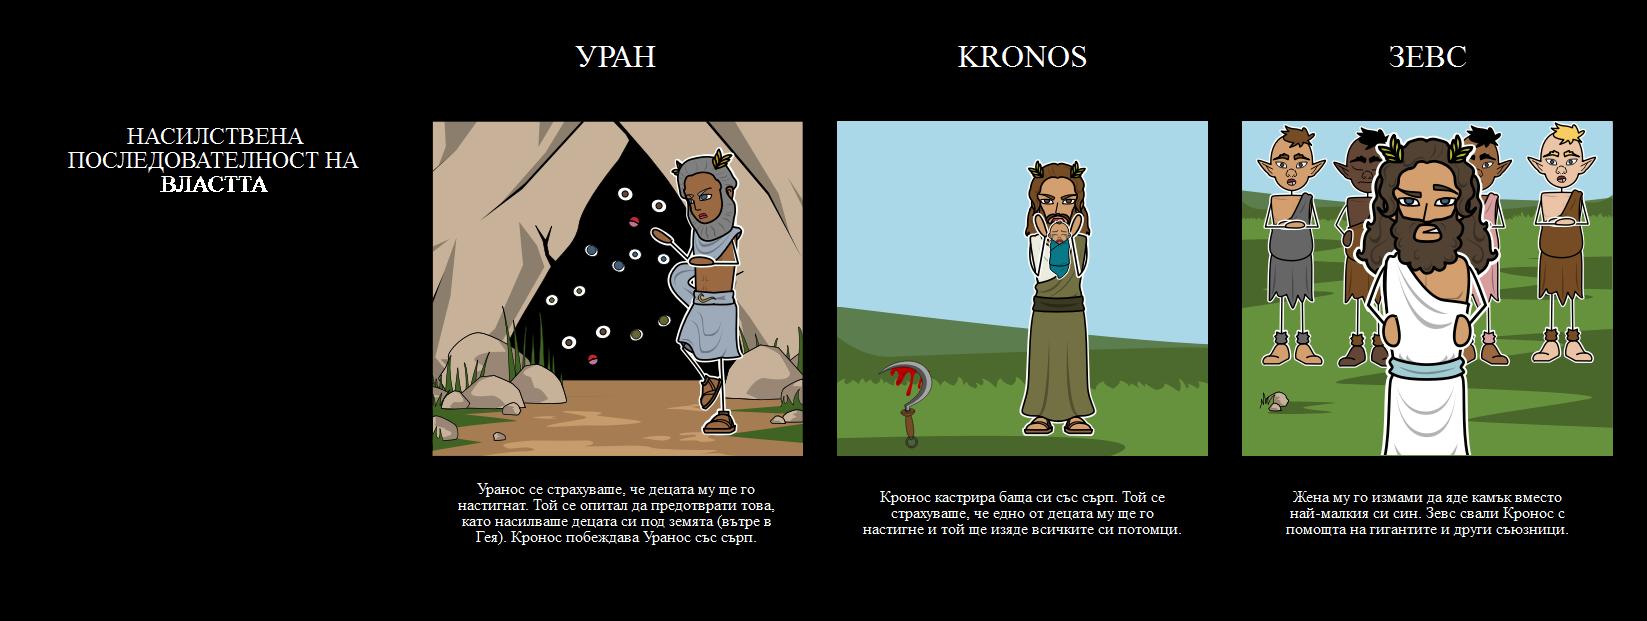 Гръцка Митология Тема за Създаване на Митология